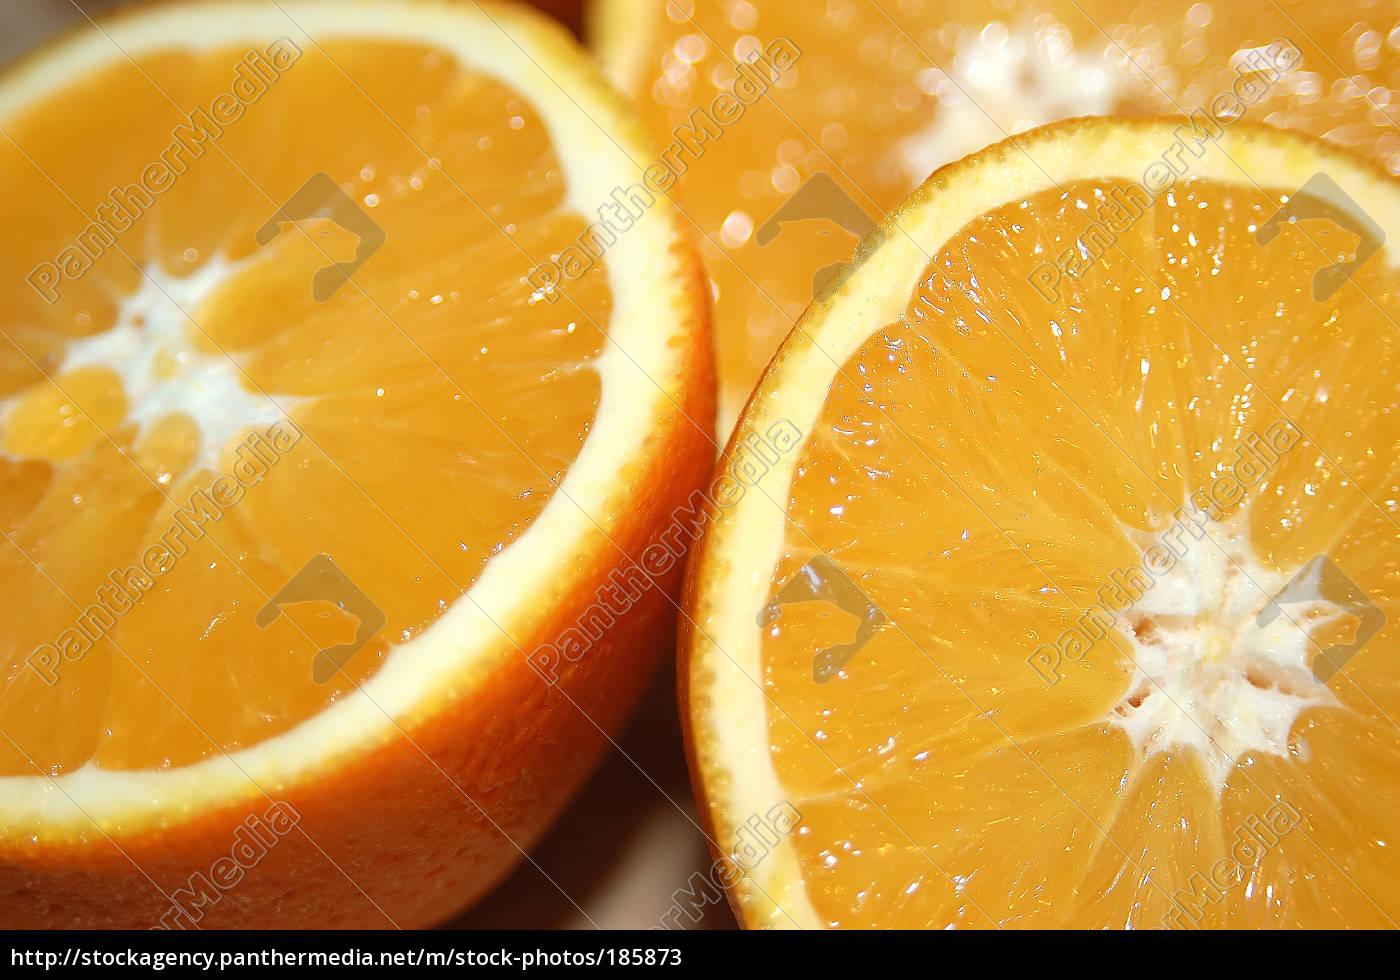 oranges, 1 - 185873